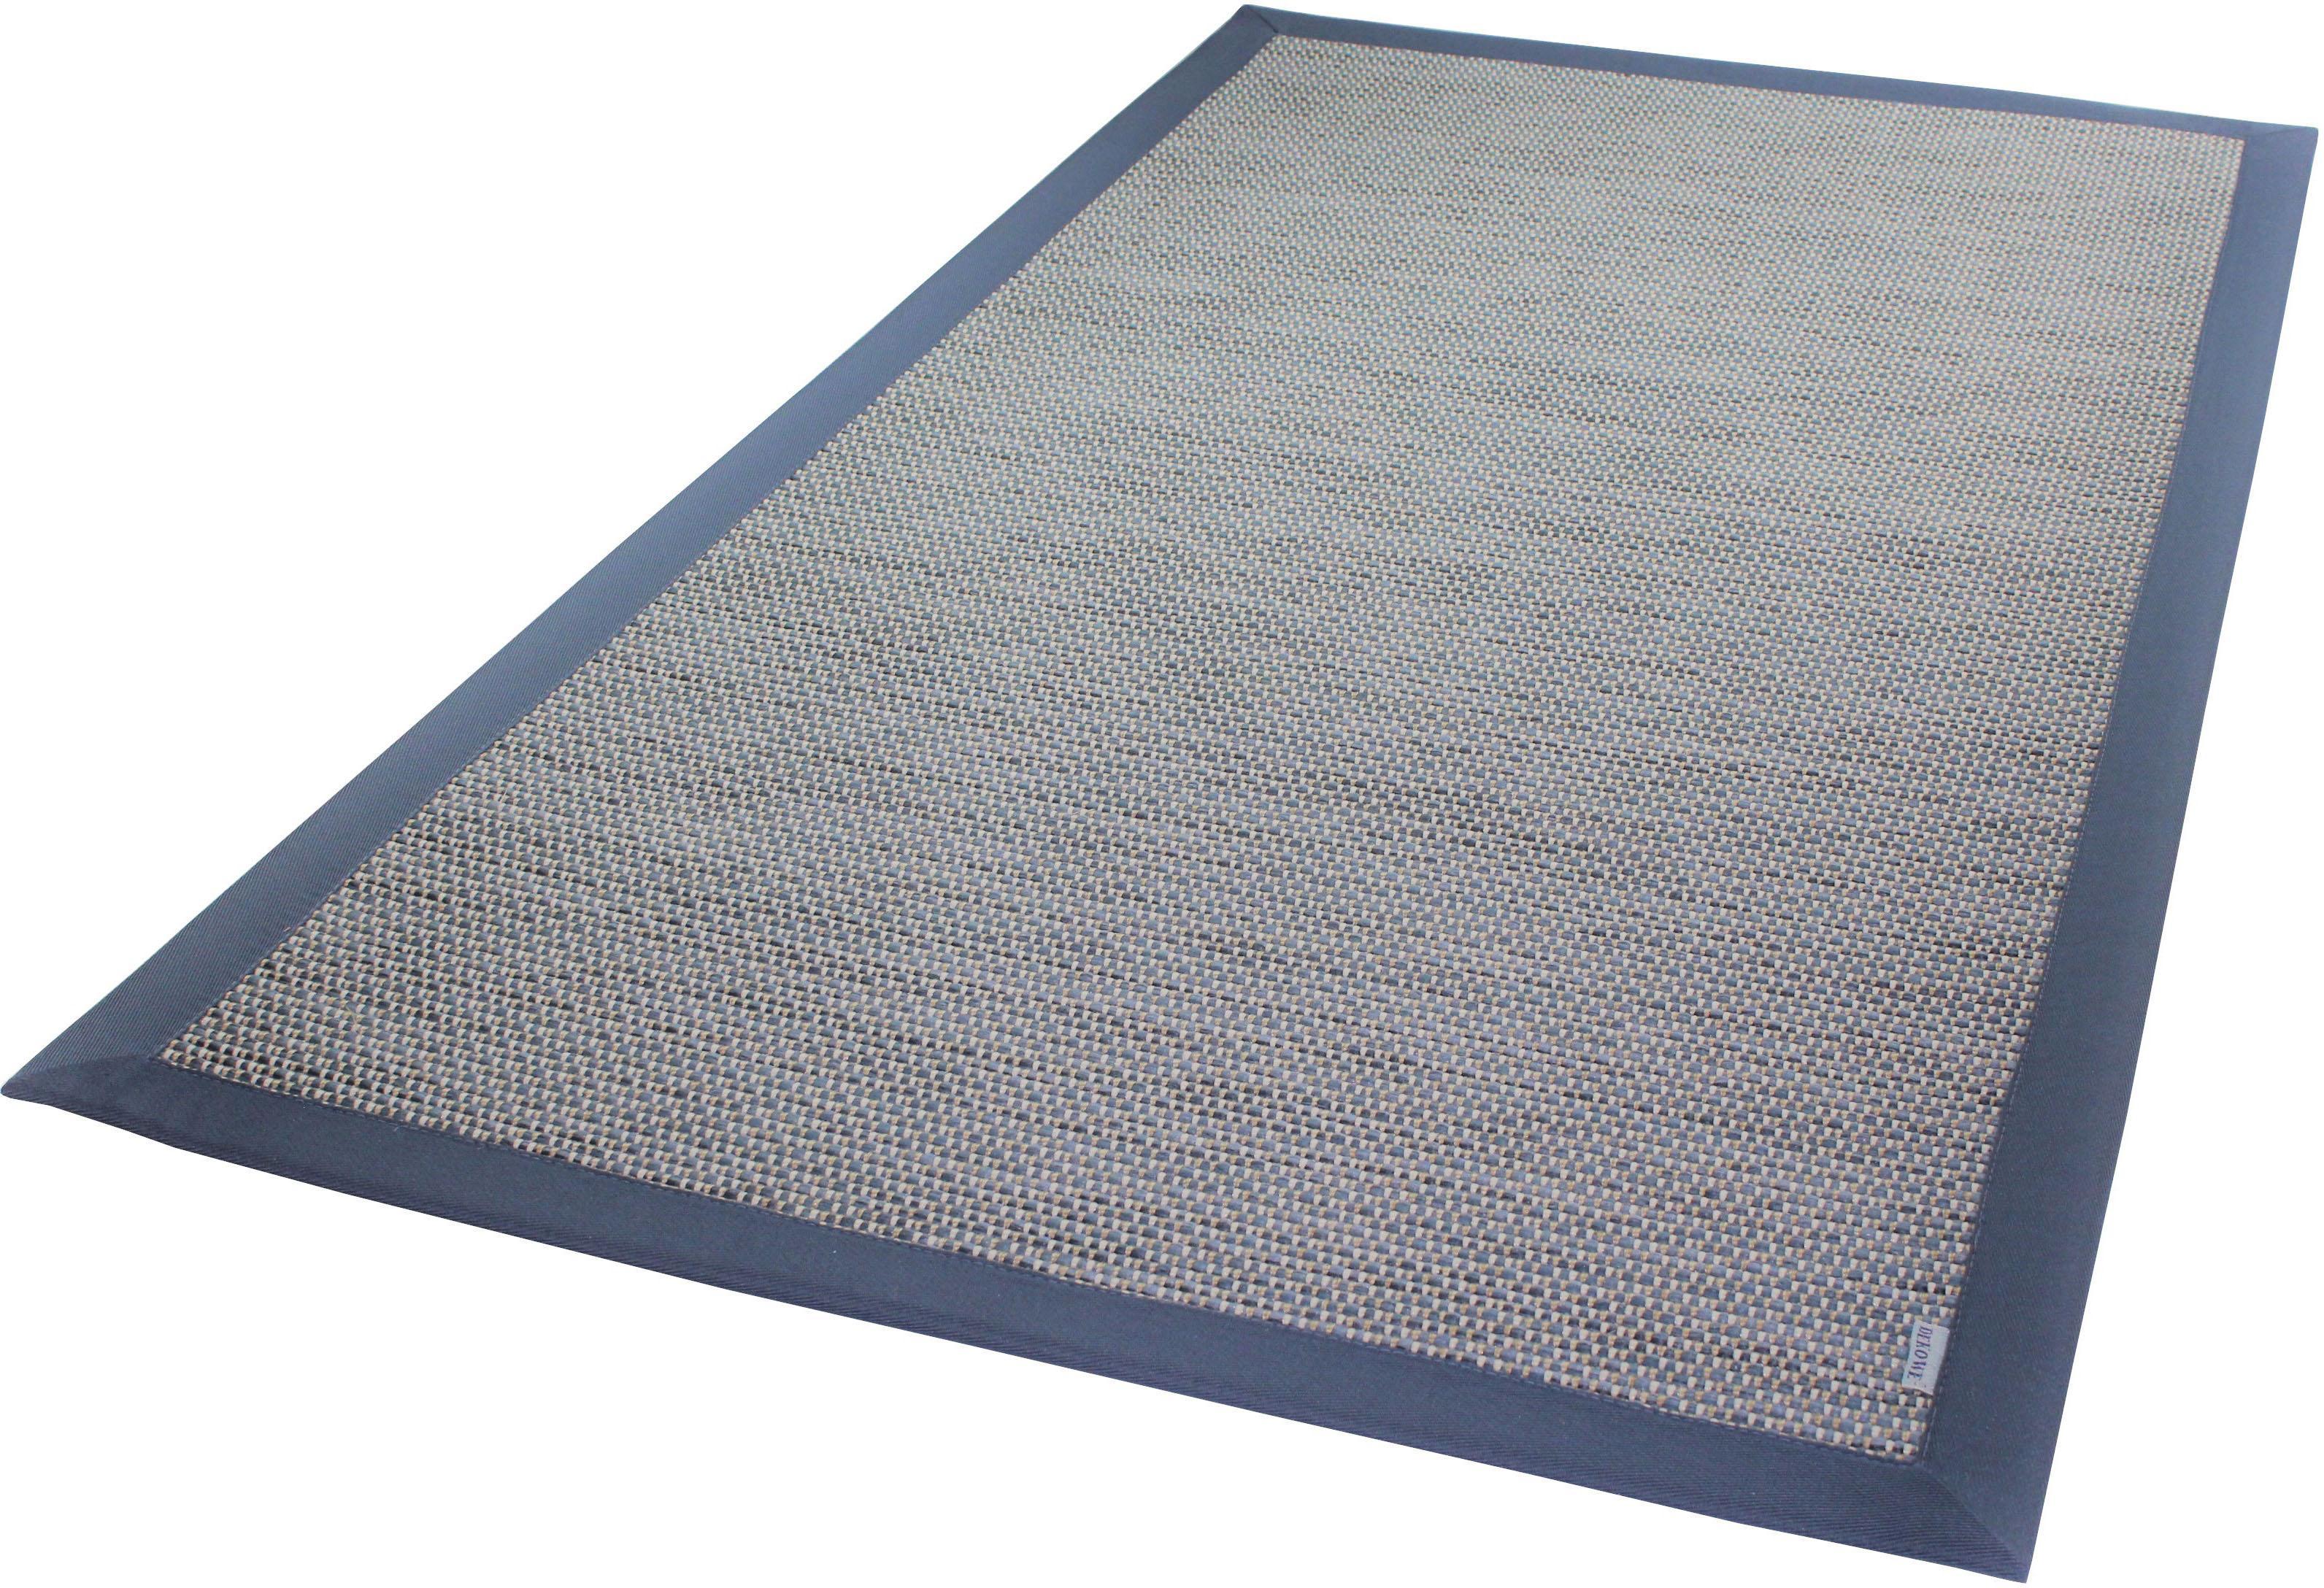 Teppich Color Dekowe rechteckig Höhe 4 mm maschinell gewebt